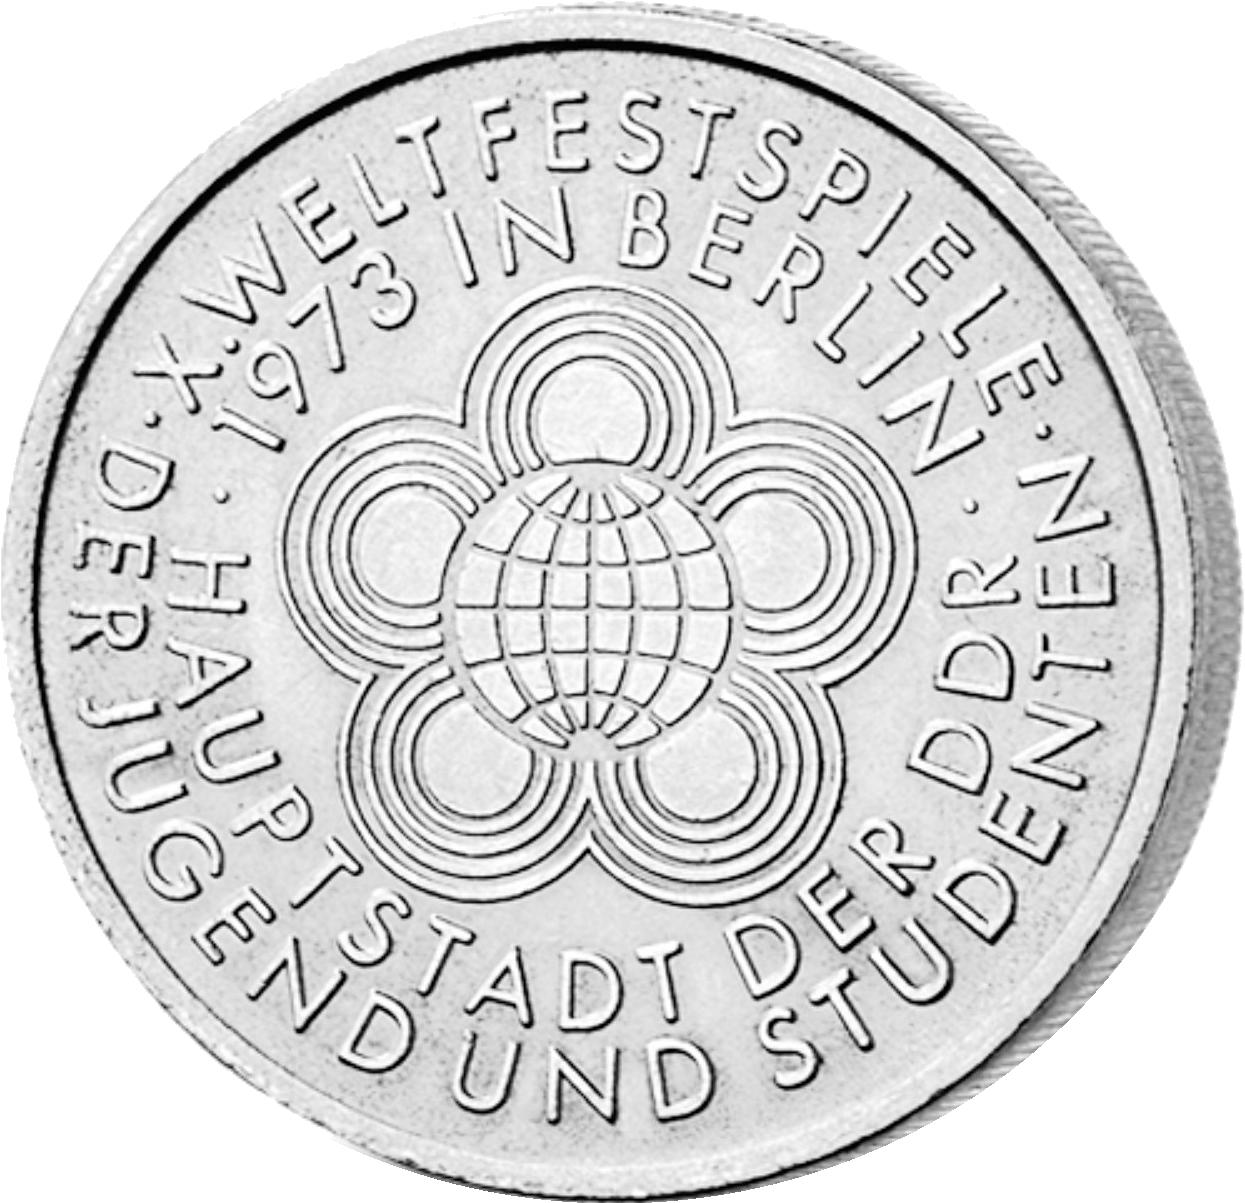 10 Mark Neusilber Weltfestspiele Ddr 1973 Münzen Günstigerde